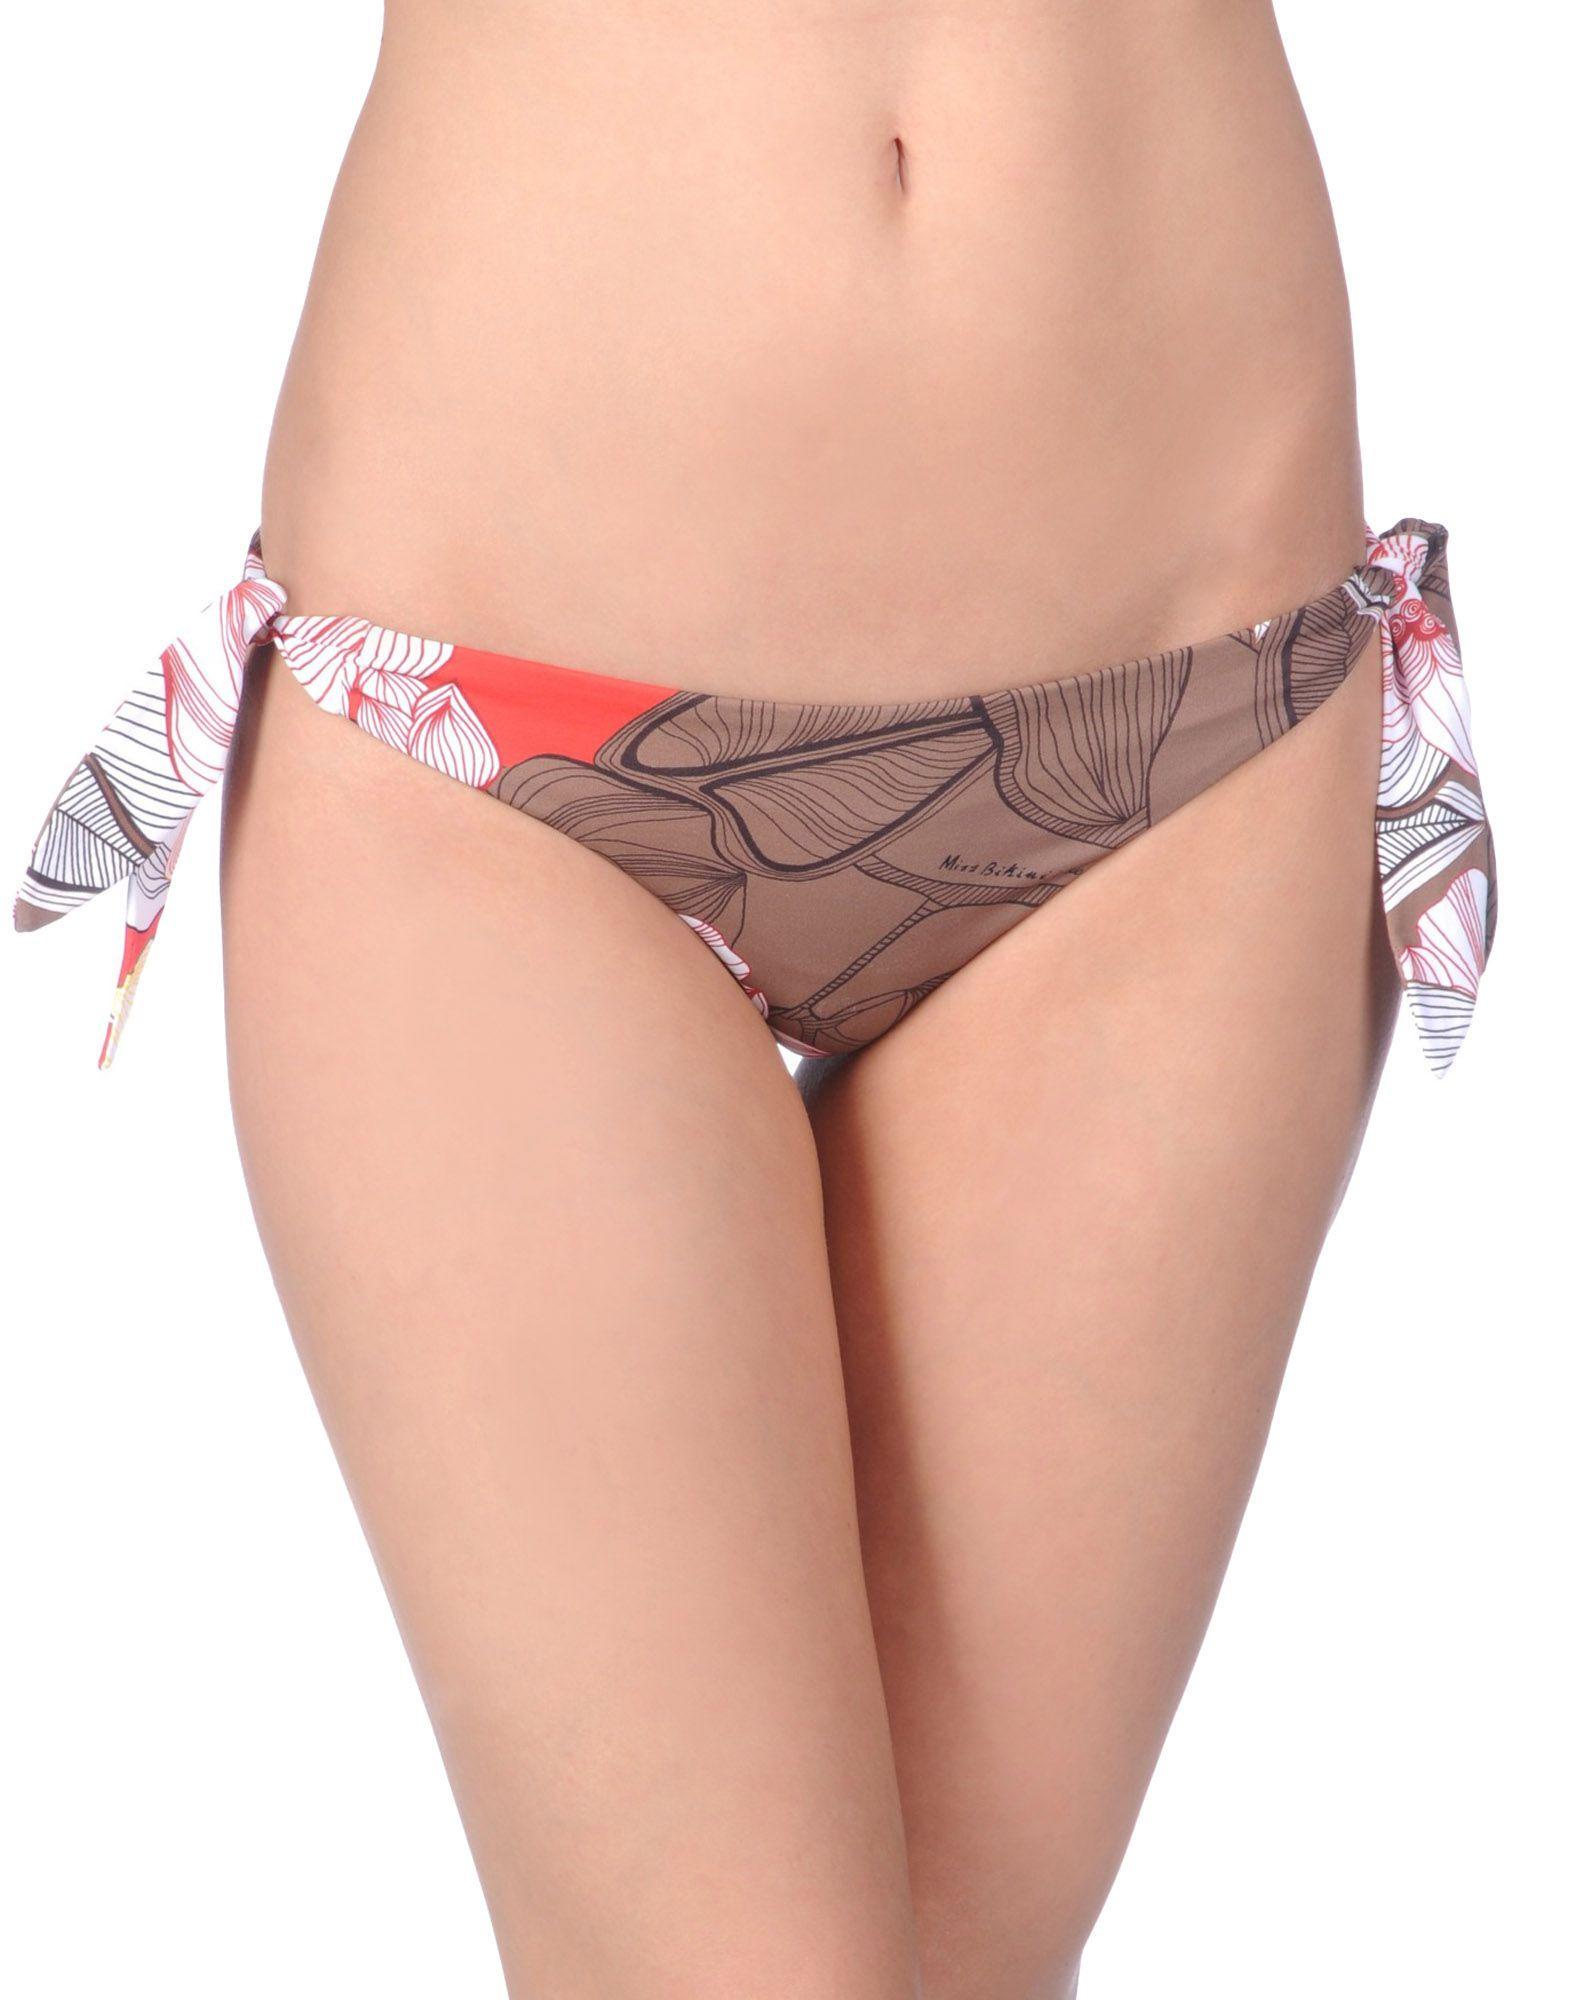 MISS BIKINI Плавки brazilian tanga bikini 2016 swimwear women big bow thong bikini bottom sexy brazilian biquini bralette trajes de bano women